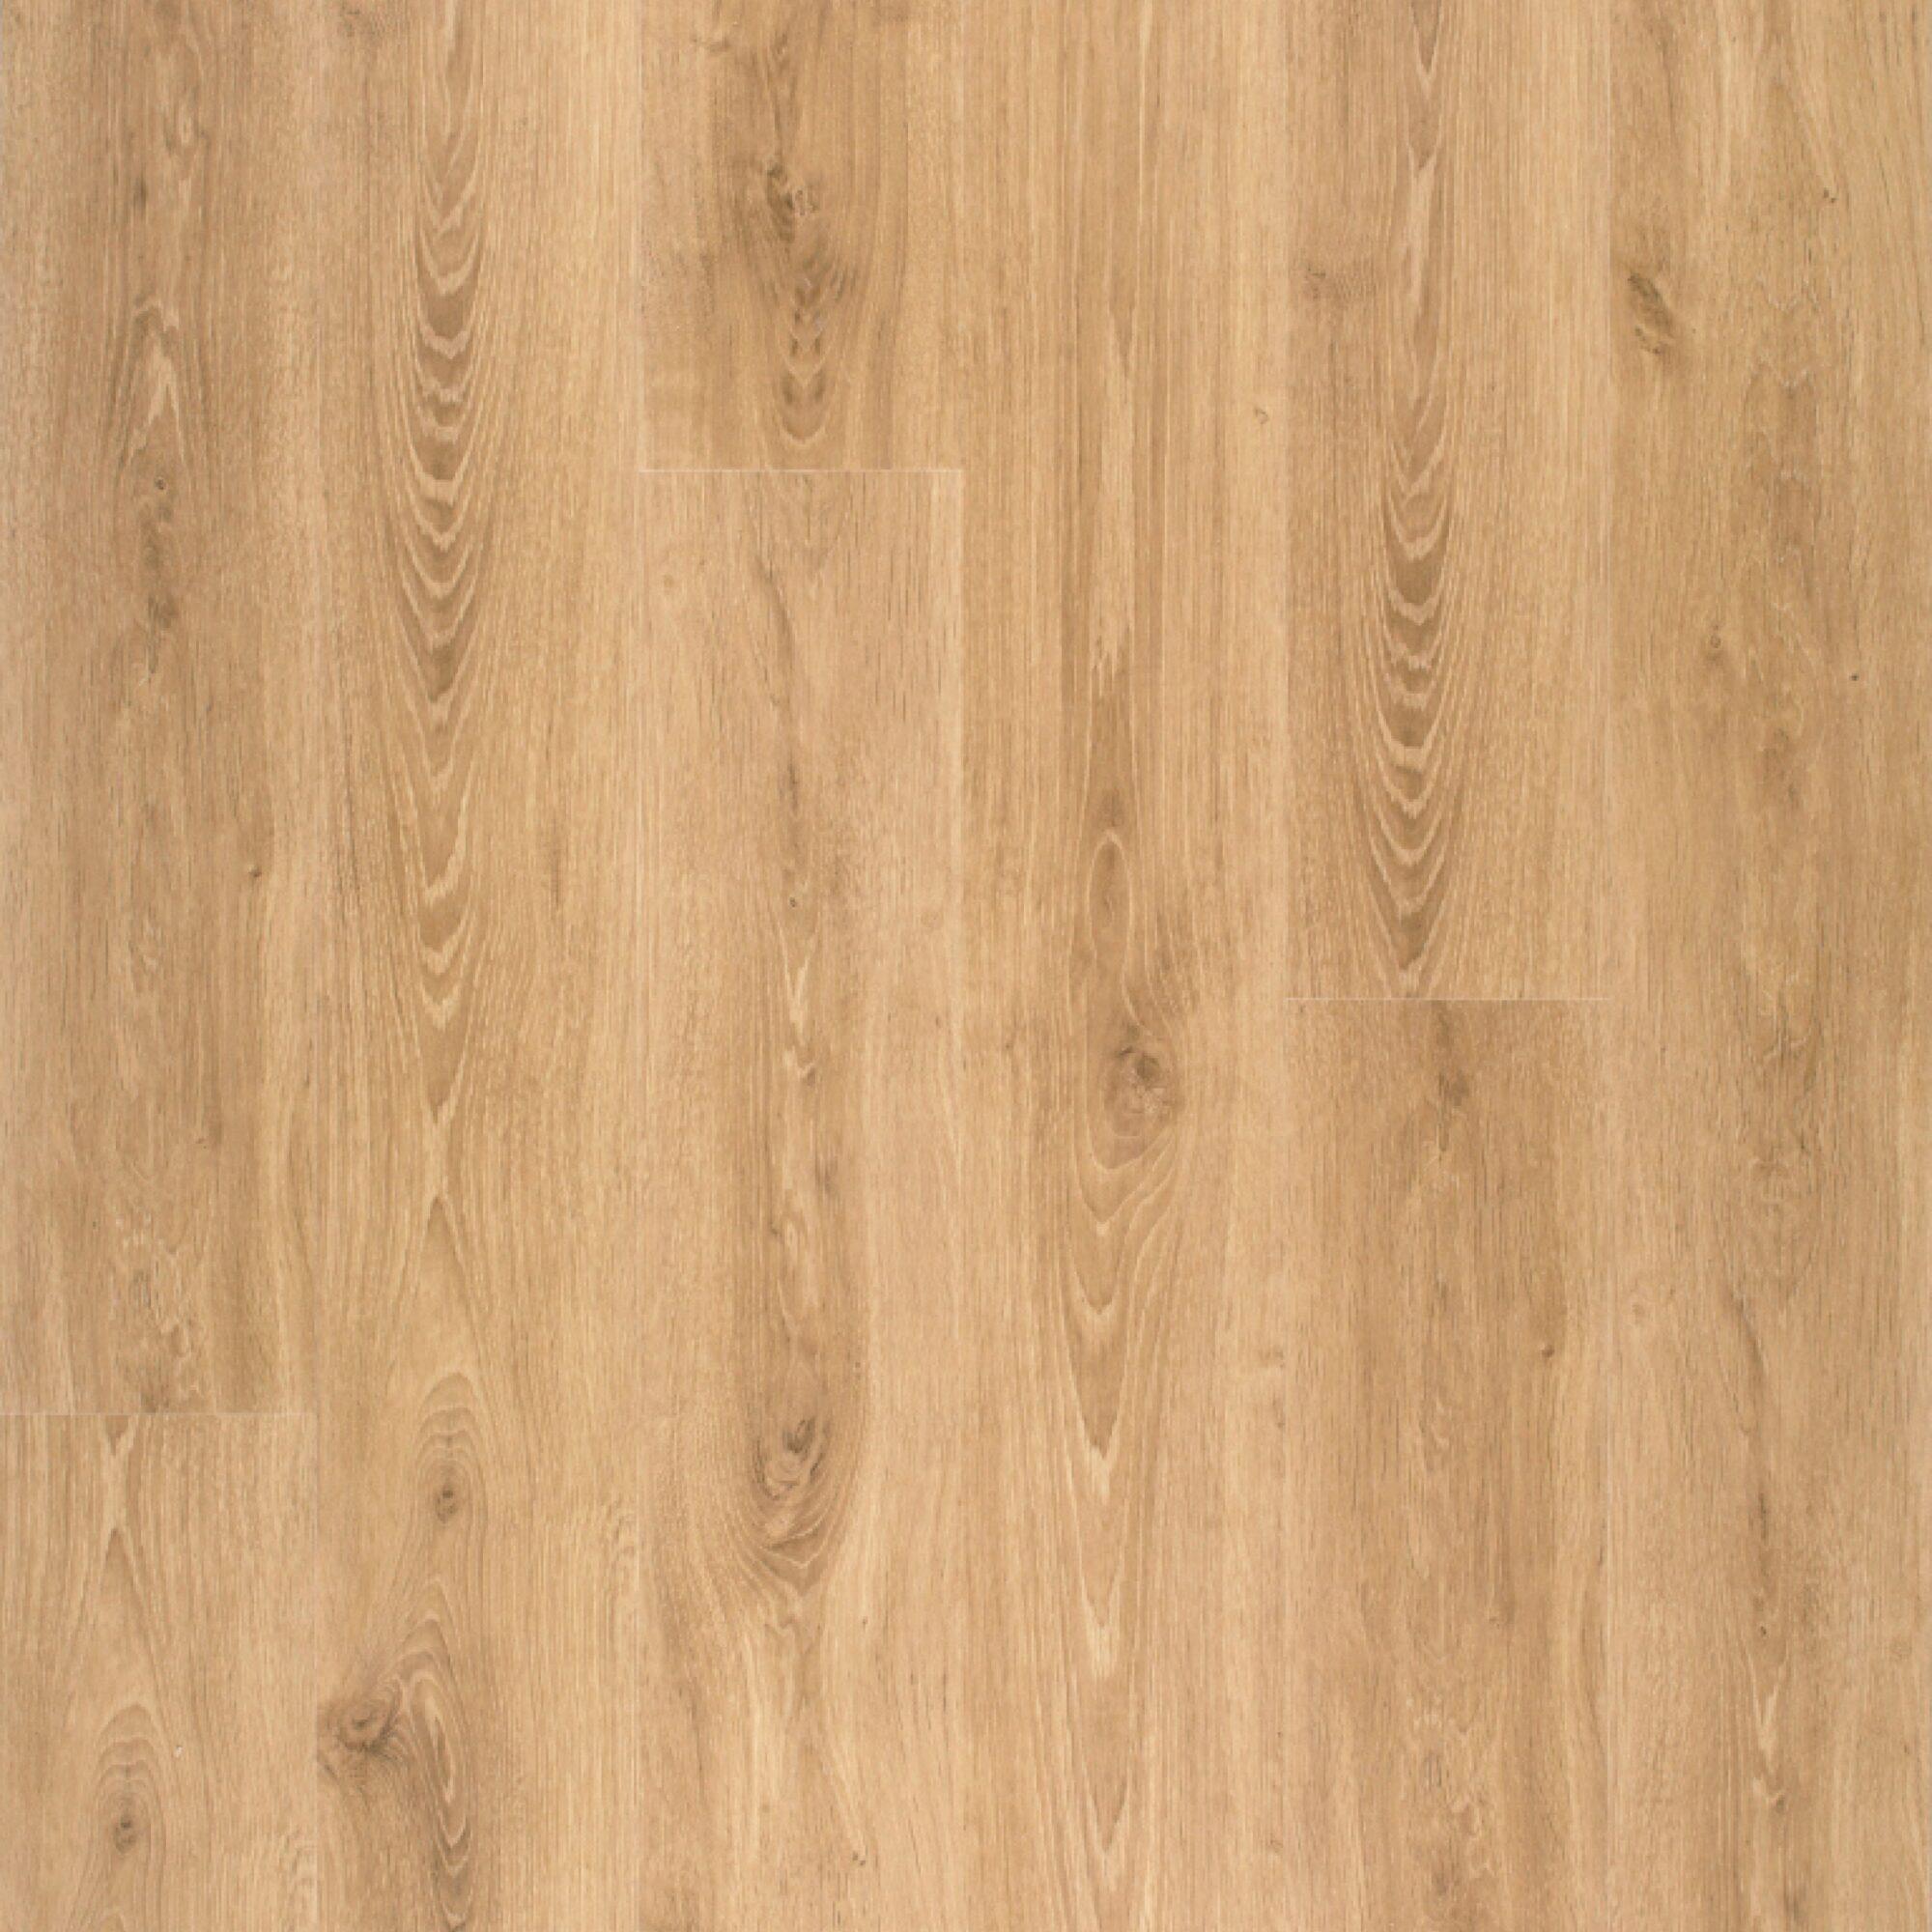 Rustic Oak Elv281ap Elka Aqua Protect, Textured Laminate Flooring Rustic Oak